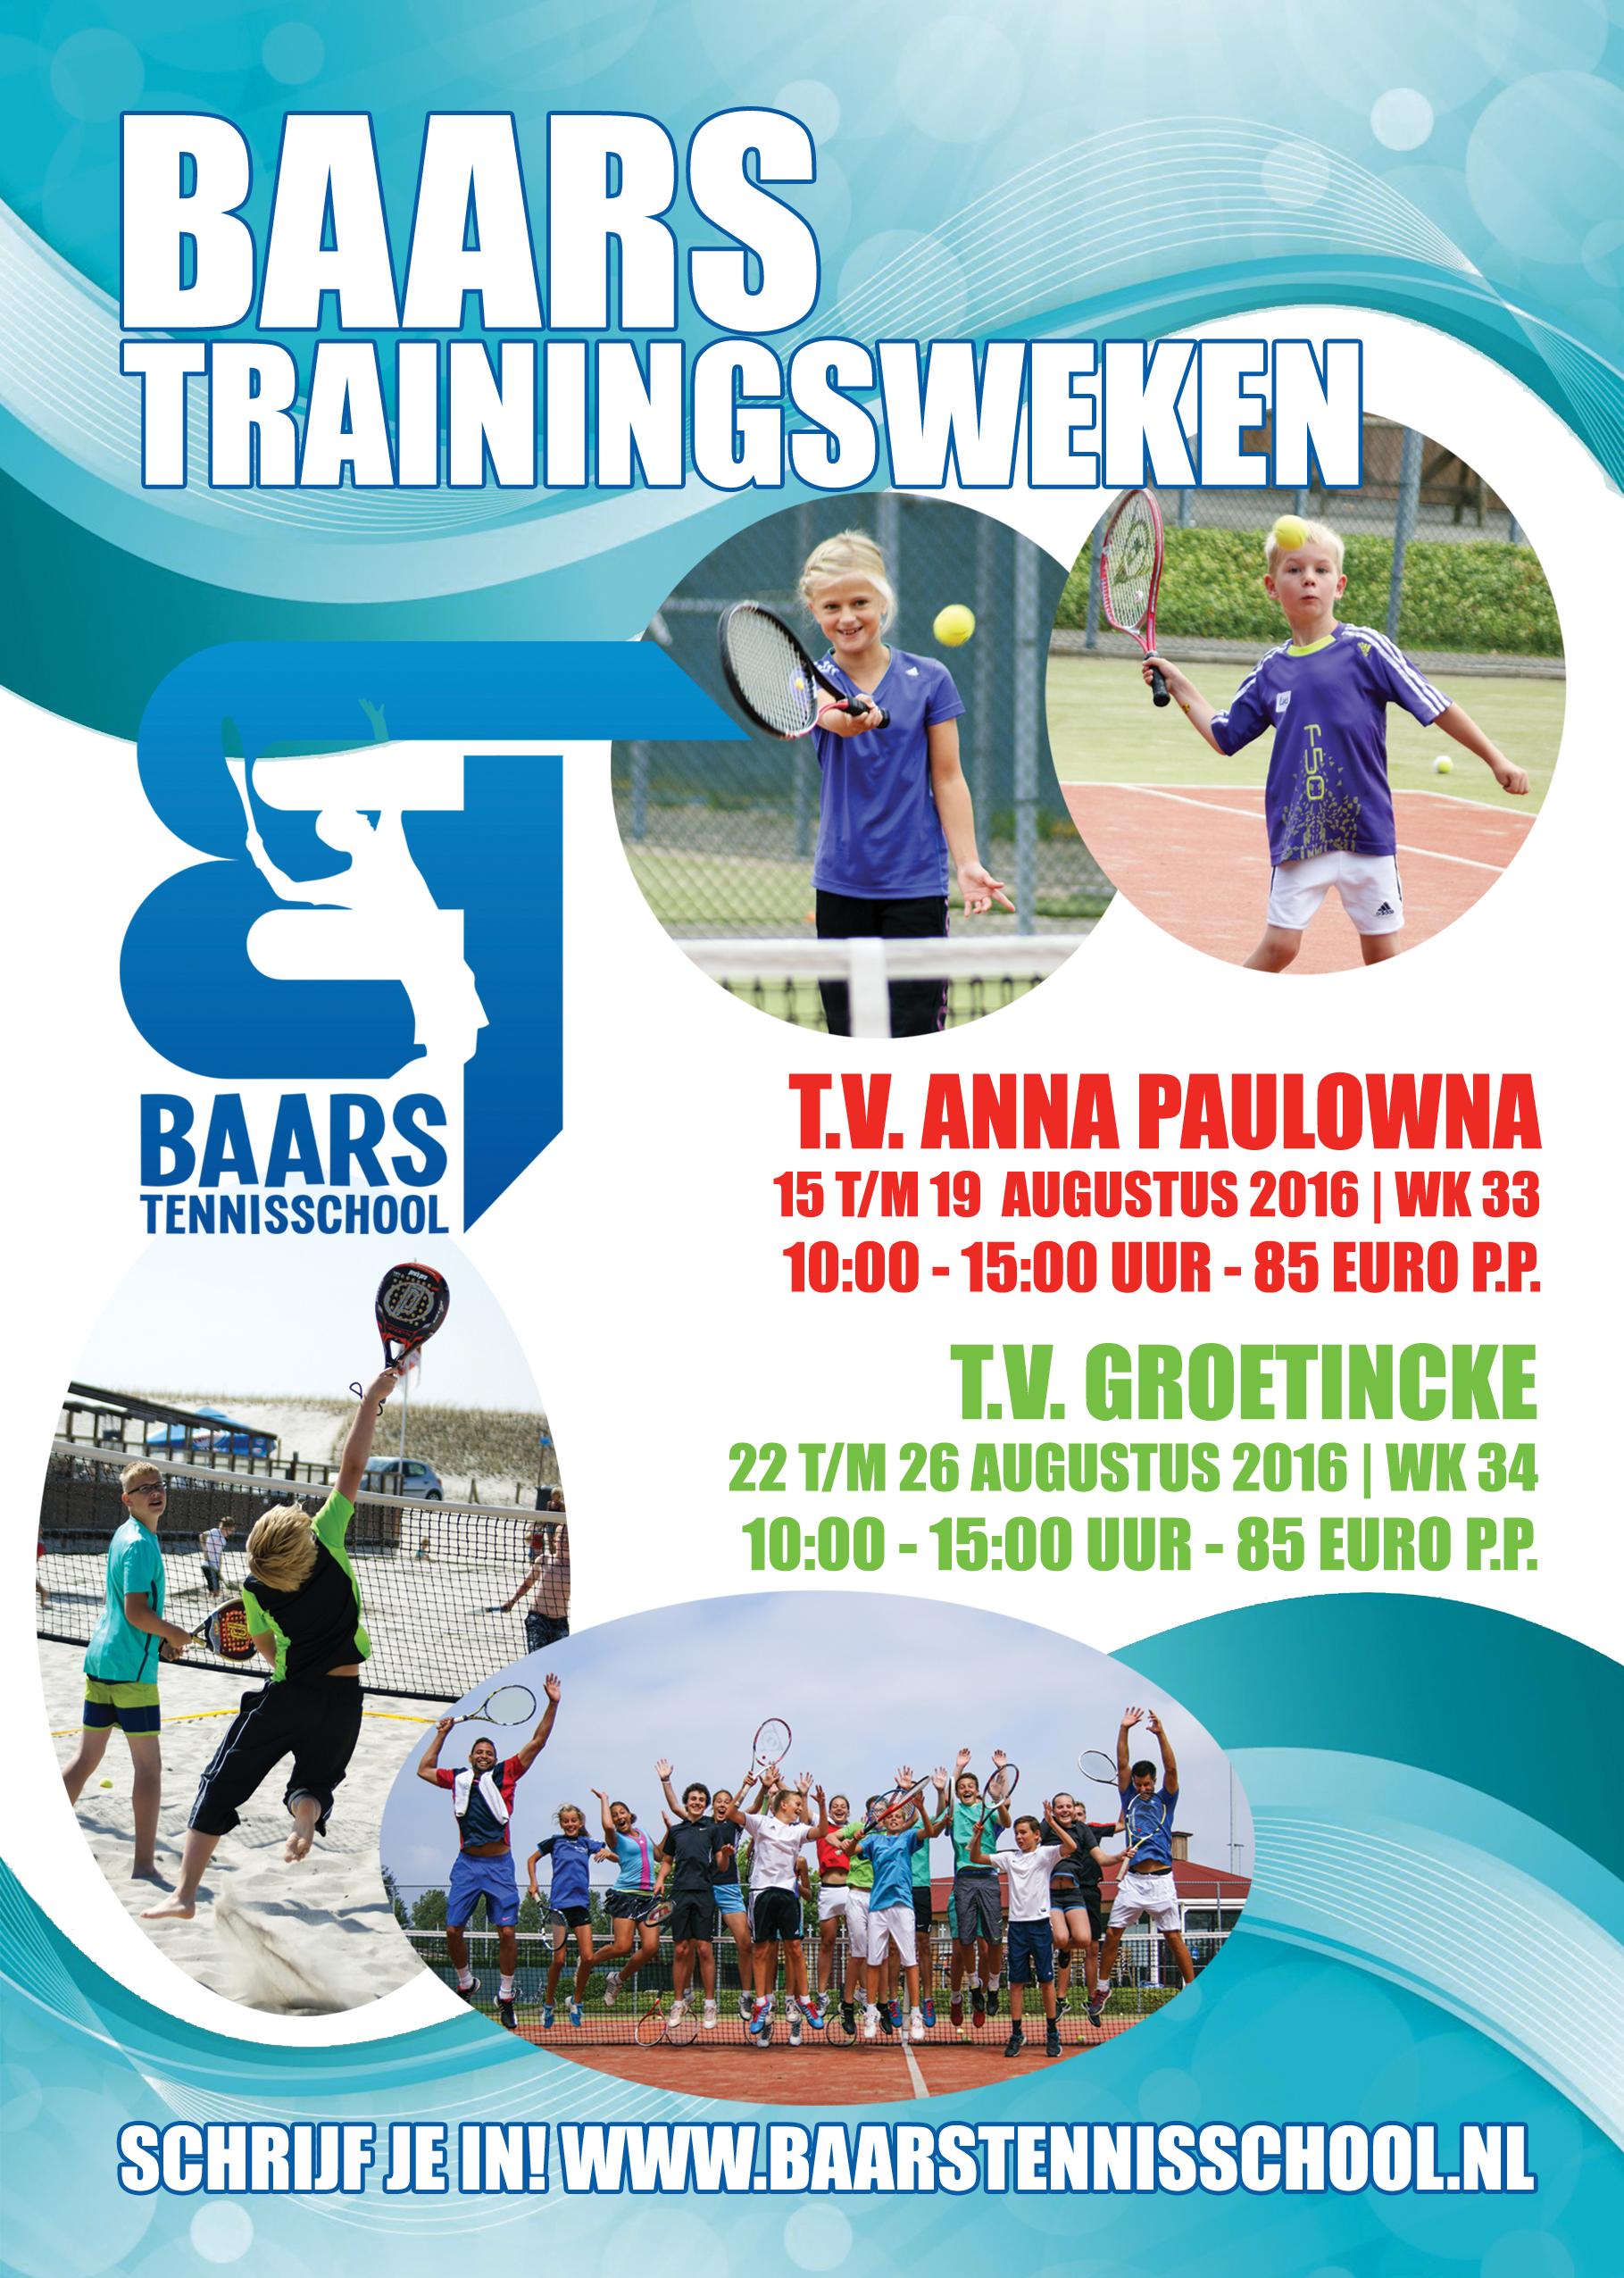 Baars Trainingsweken 2016